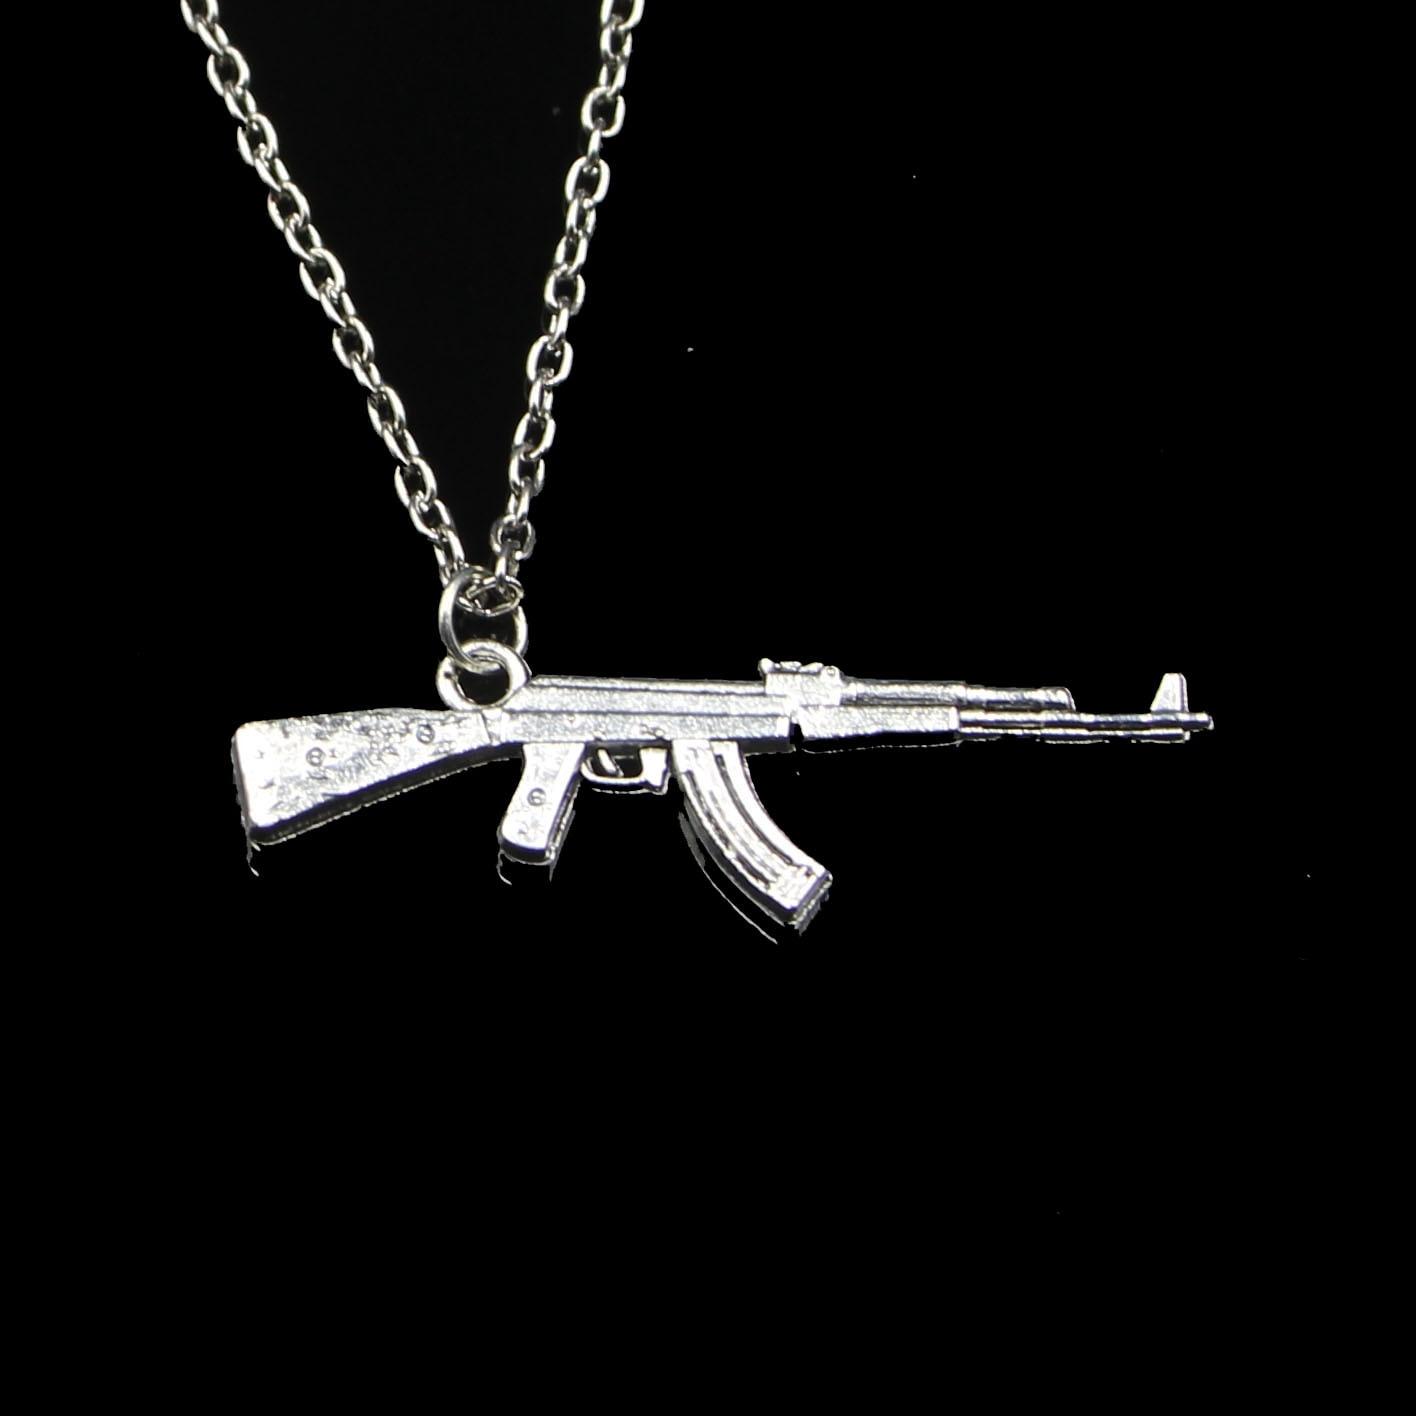 Модные 44*15 мм пулемет Штурмовая винтовка кулон ожерелье цепочка для женщин колье ожерелье креативные ювелирные изделия вечерние подарок